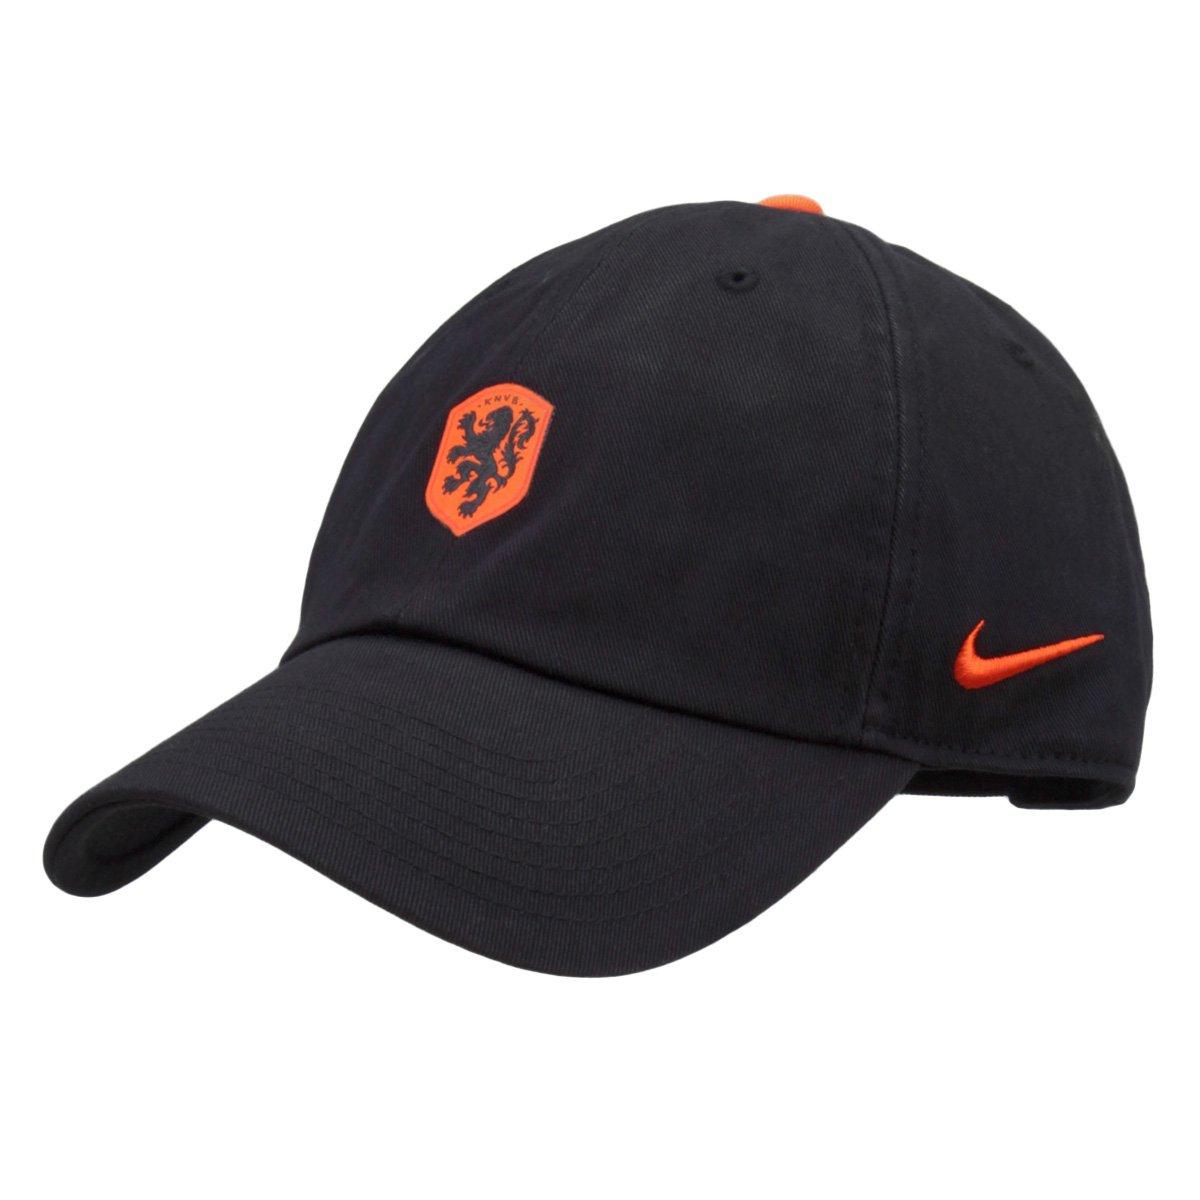 9b4aa4edd3364 Boné Nike Seleção Holanda Aba Curva H86 Core - Compre Agora